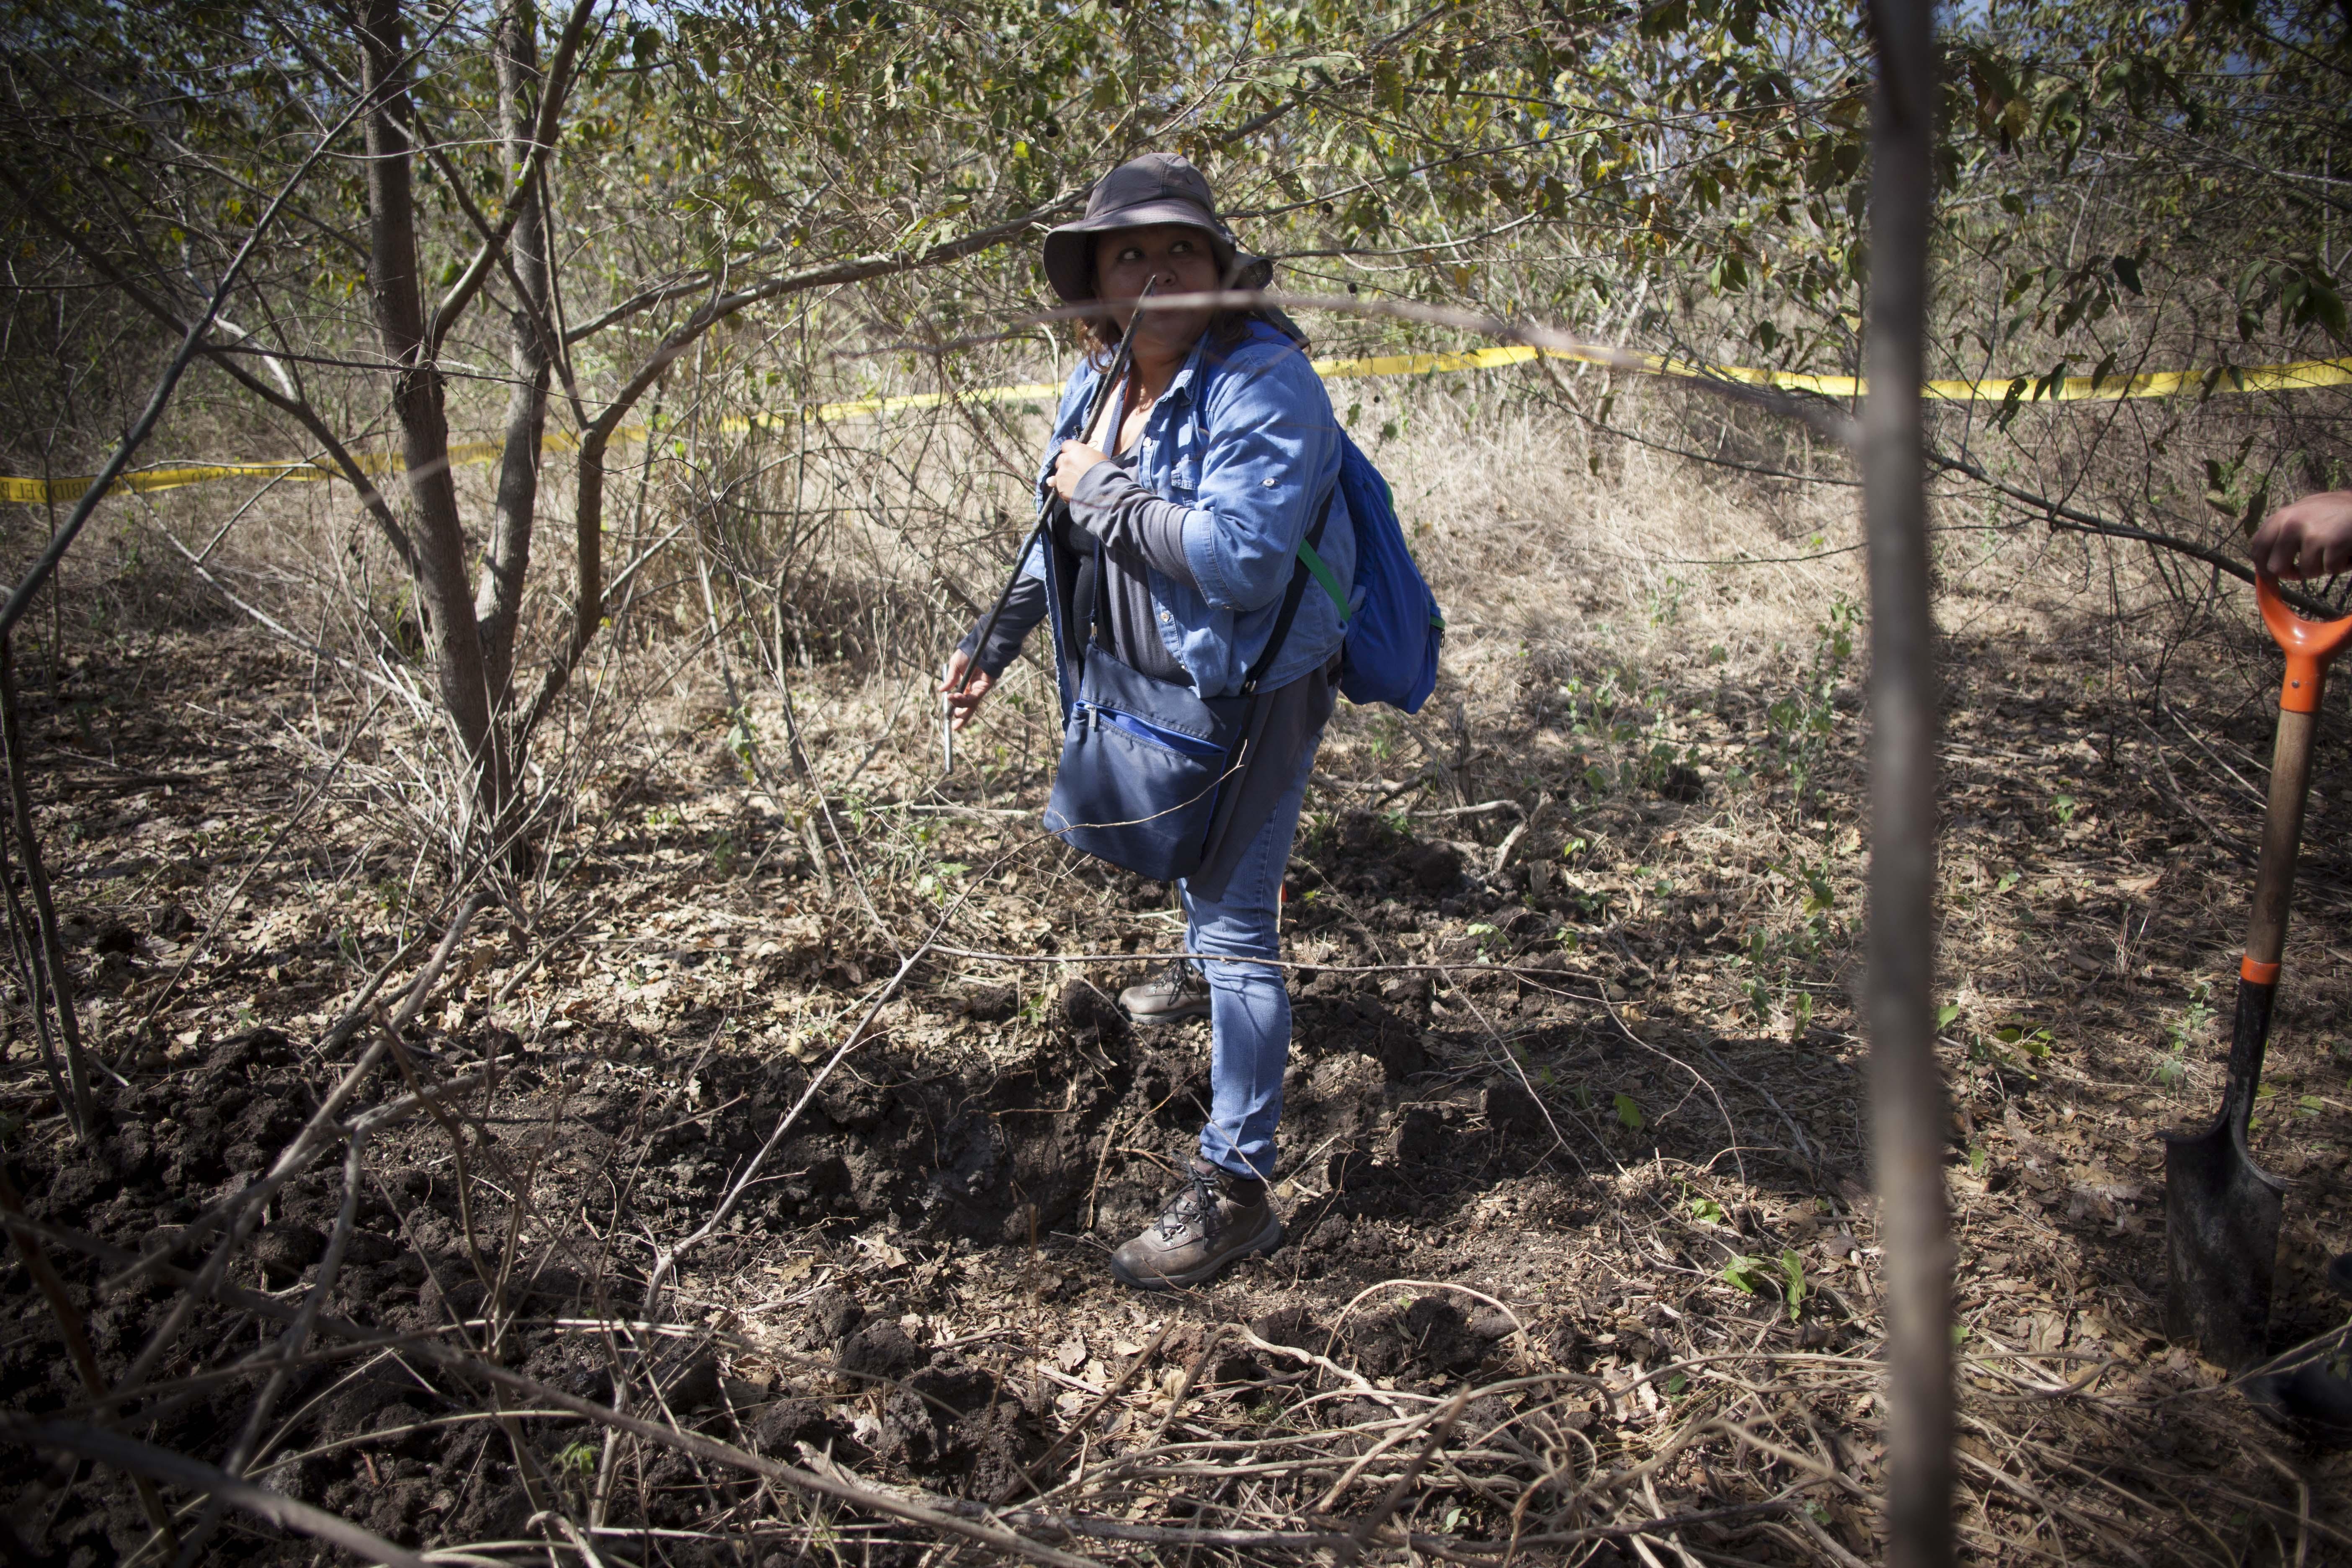 Graciela Pérez ha sido reconocida por el Gobierno de Holanda con el Premio Tulipán de los Derechos Humanos. / Foto: Monica Gonzalez Islas/ Pie de Pagina Red de Periodistas de a Pie